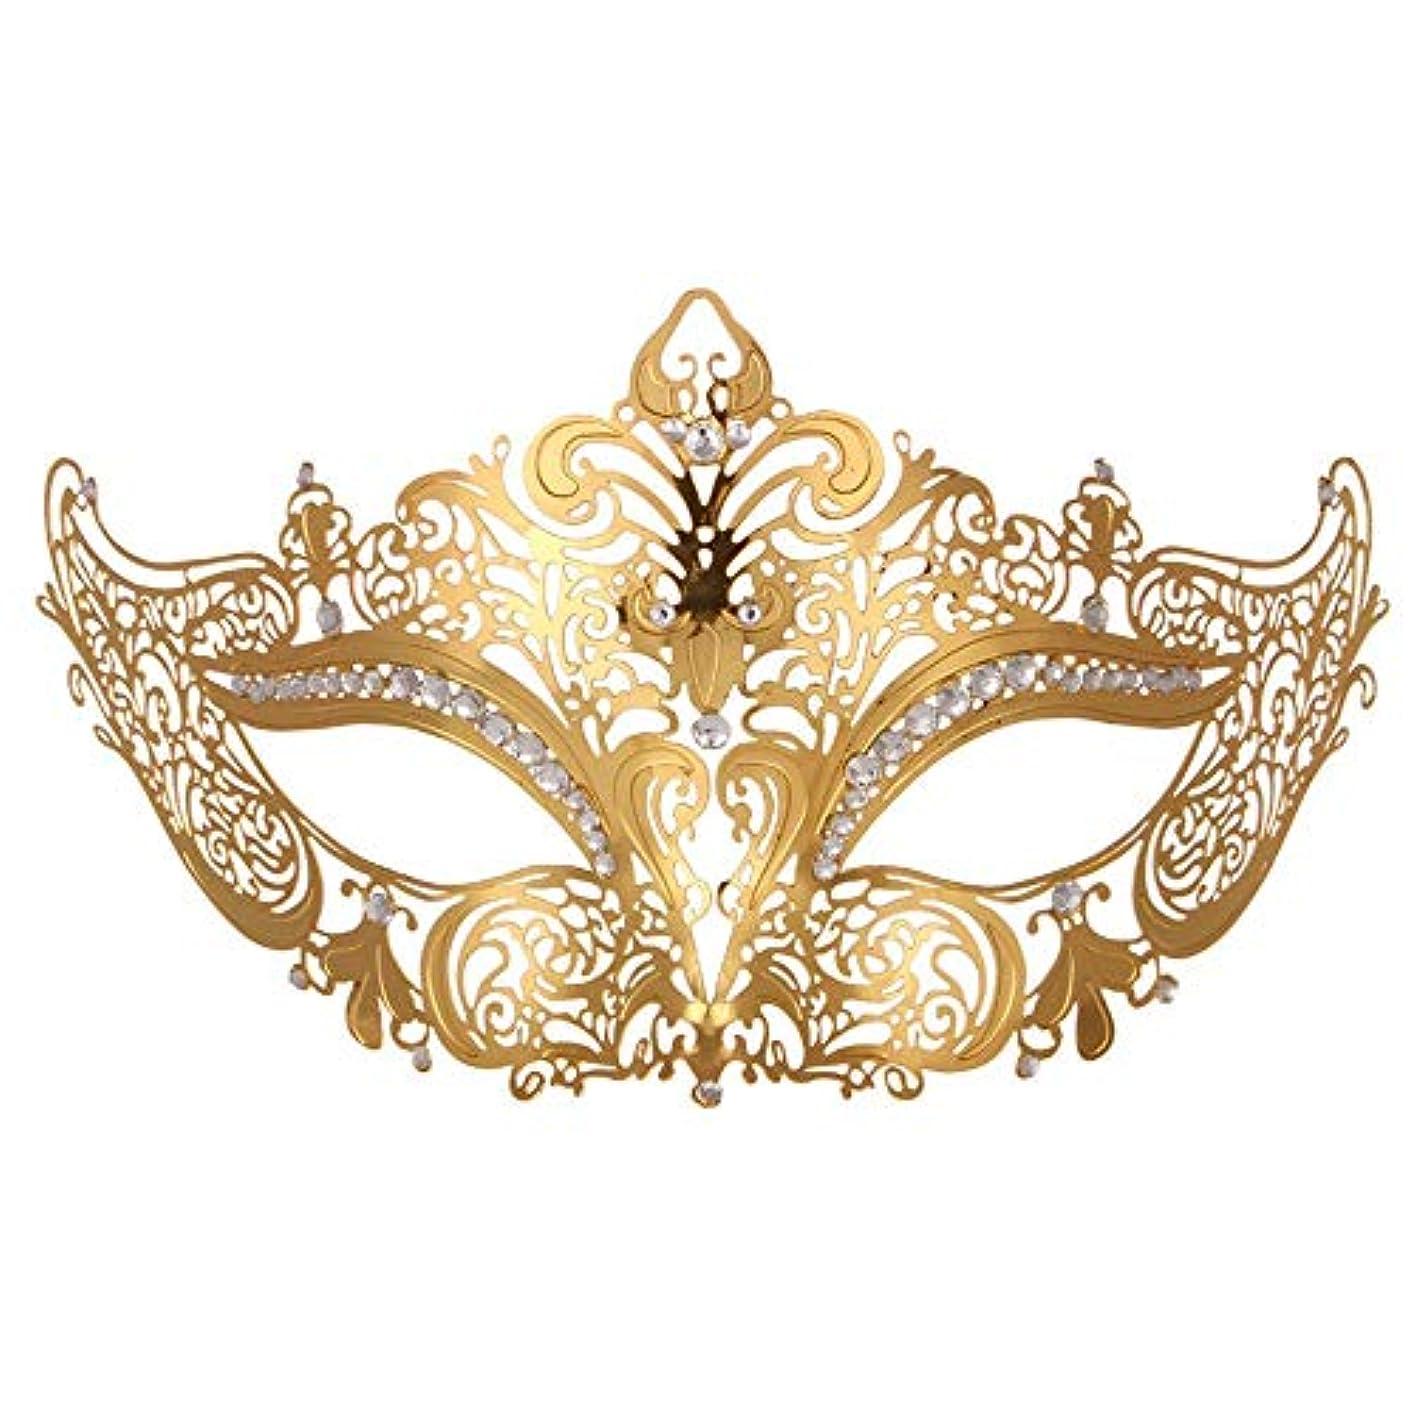 交流する望み模倣ダンスマスク 高級金メッキ銀マスク仮装小道具ロールプレイングナイトクラブパーティーマスク ホリデーパーティー用品 (色 : ゴールド, サイズ : Universal)